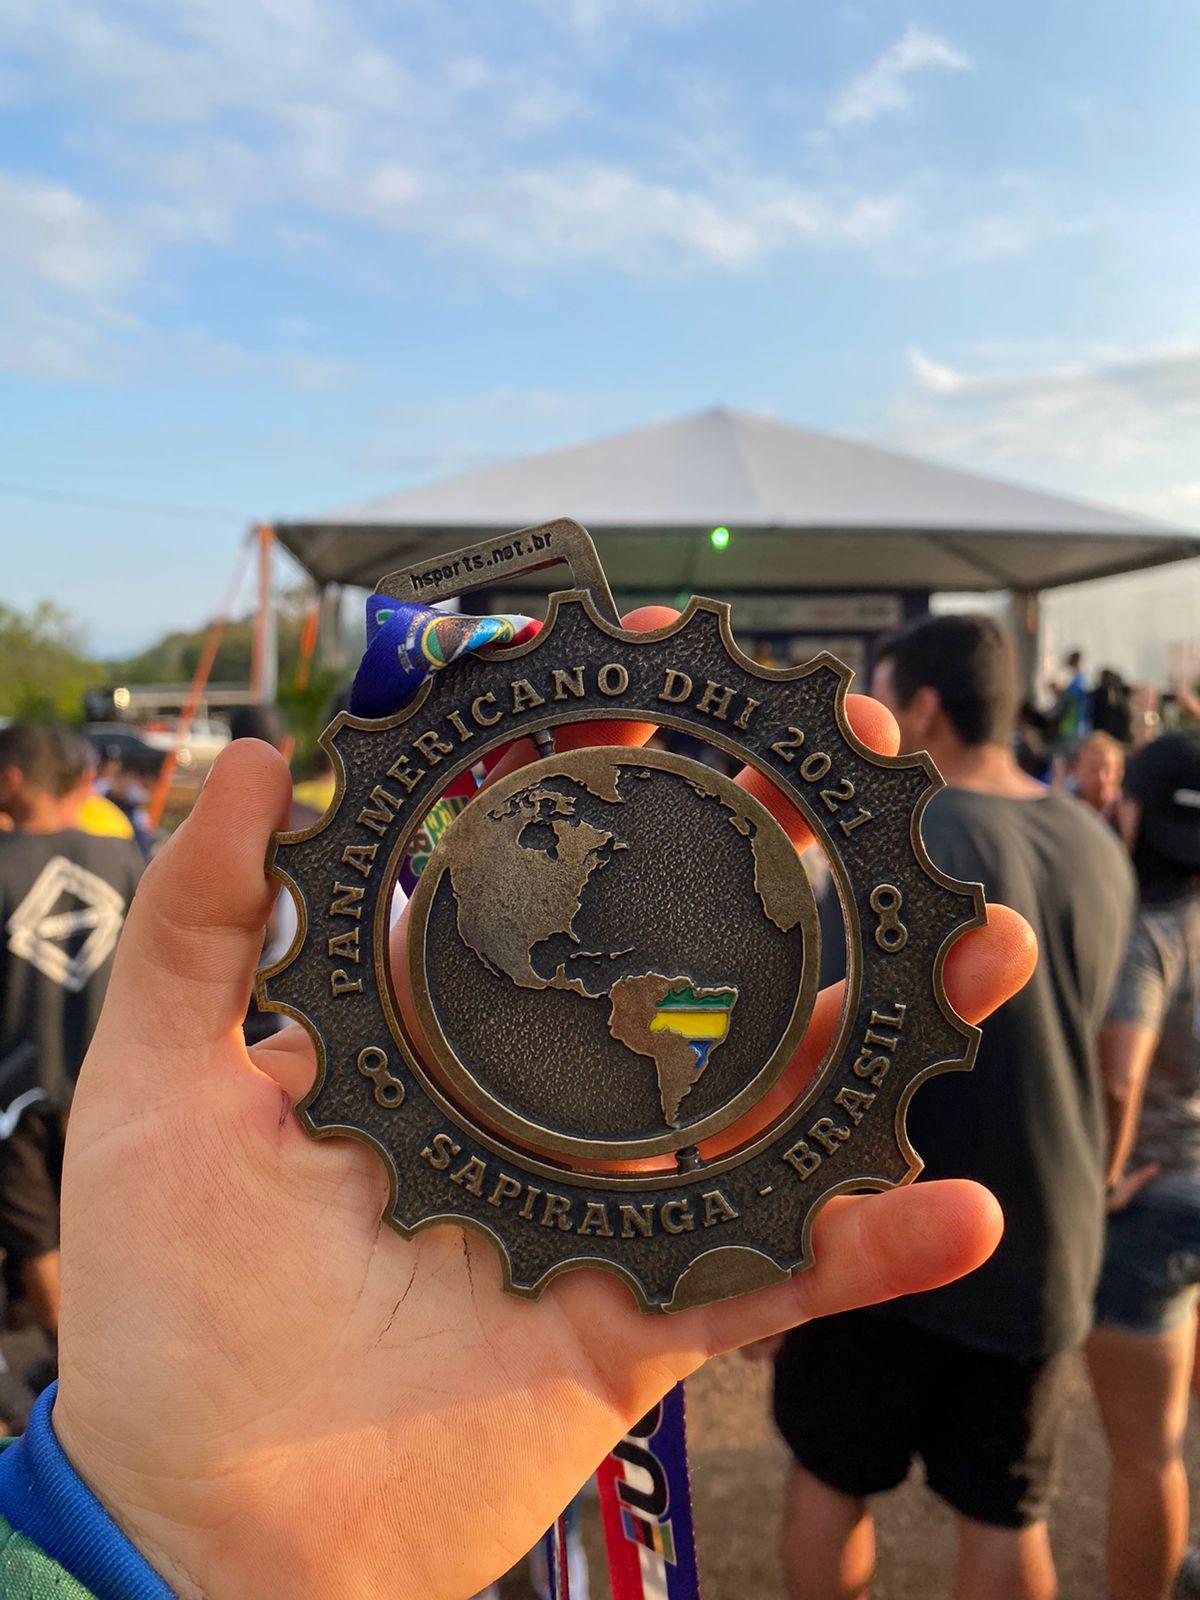 Medalha conquistada pela estudante Liandra Heimann em Campeonato Panamericano de Downhill - Foto: Arquivo pessoal/Divulgação/Educa SC